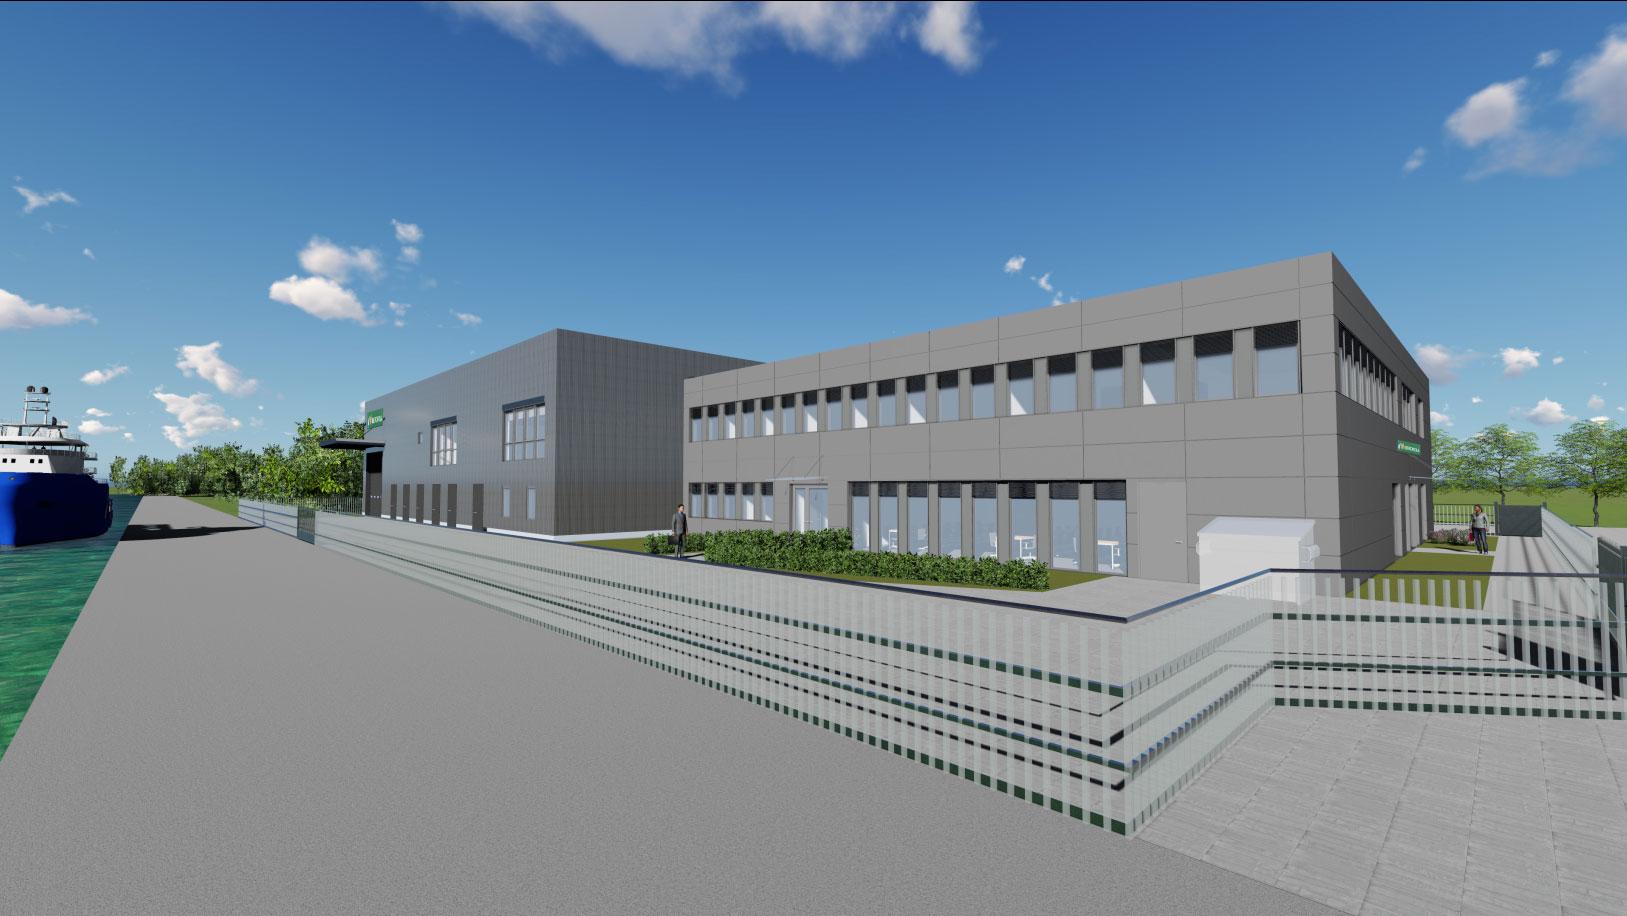 Visualisierung des künftigen Betriebsgebäudes (Details und Umgebung können abweichen) Bildquelle: GOLDBECK